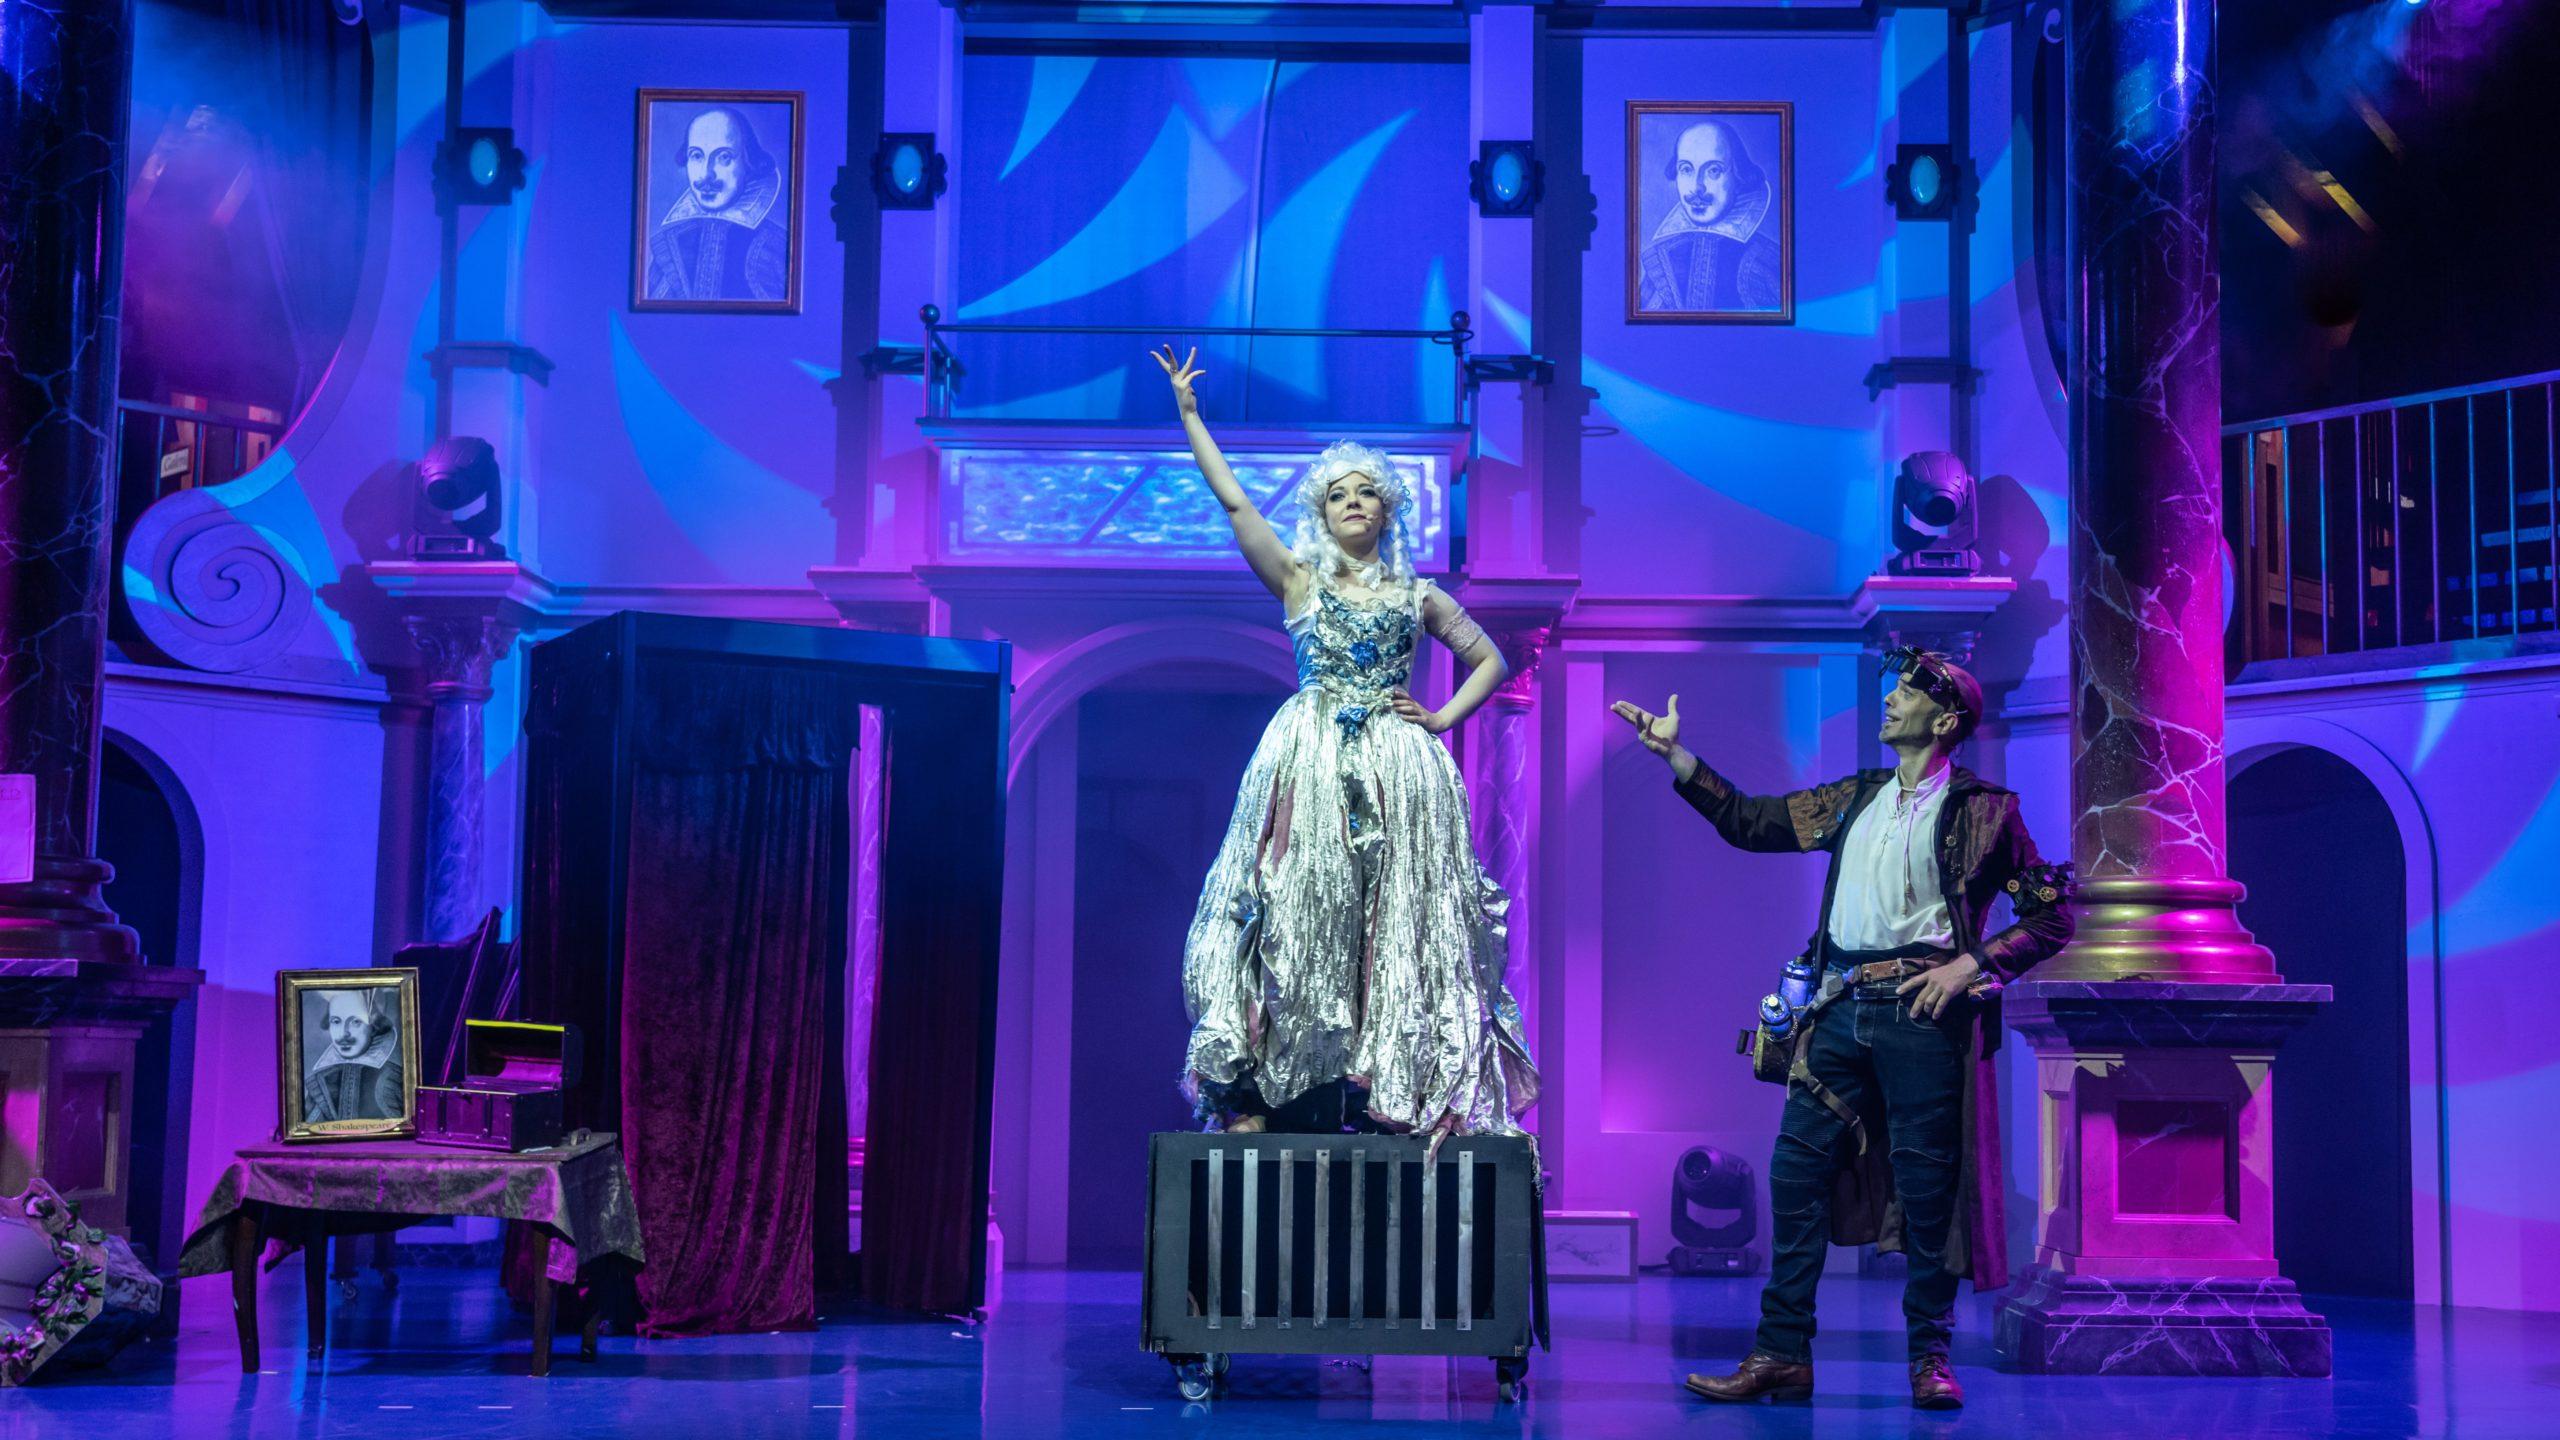 Wilhelmina Shakespeare (gespielt von Diamond Diaz) kehrt als Geist in das Theater zurück.